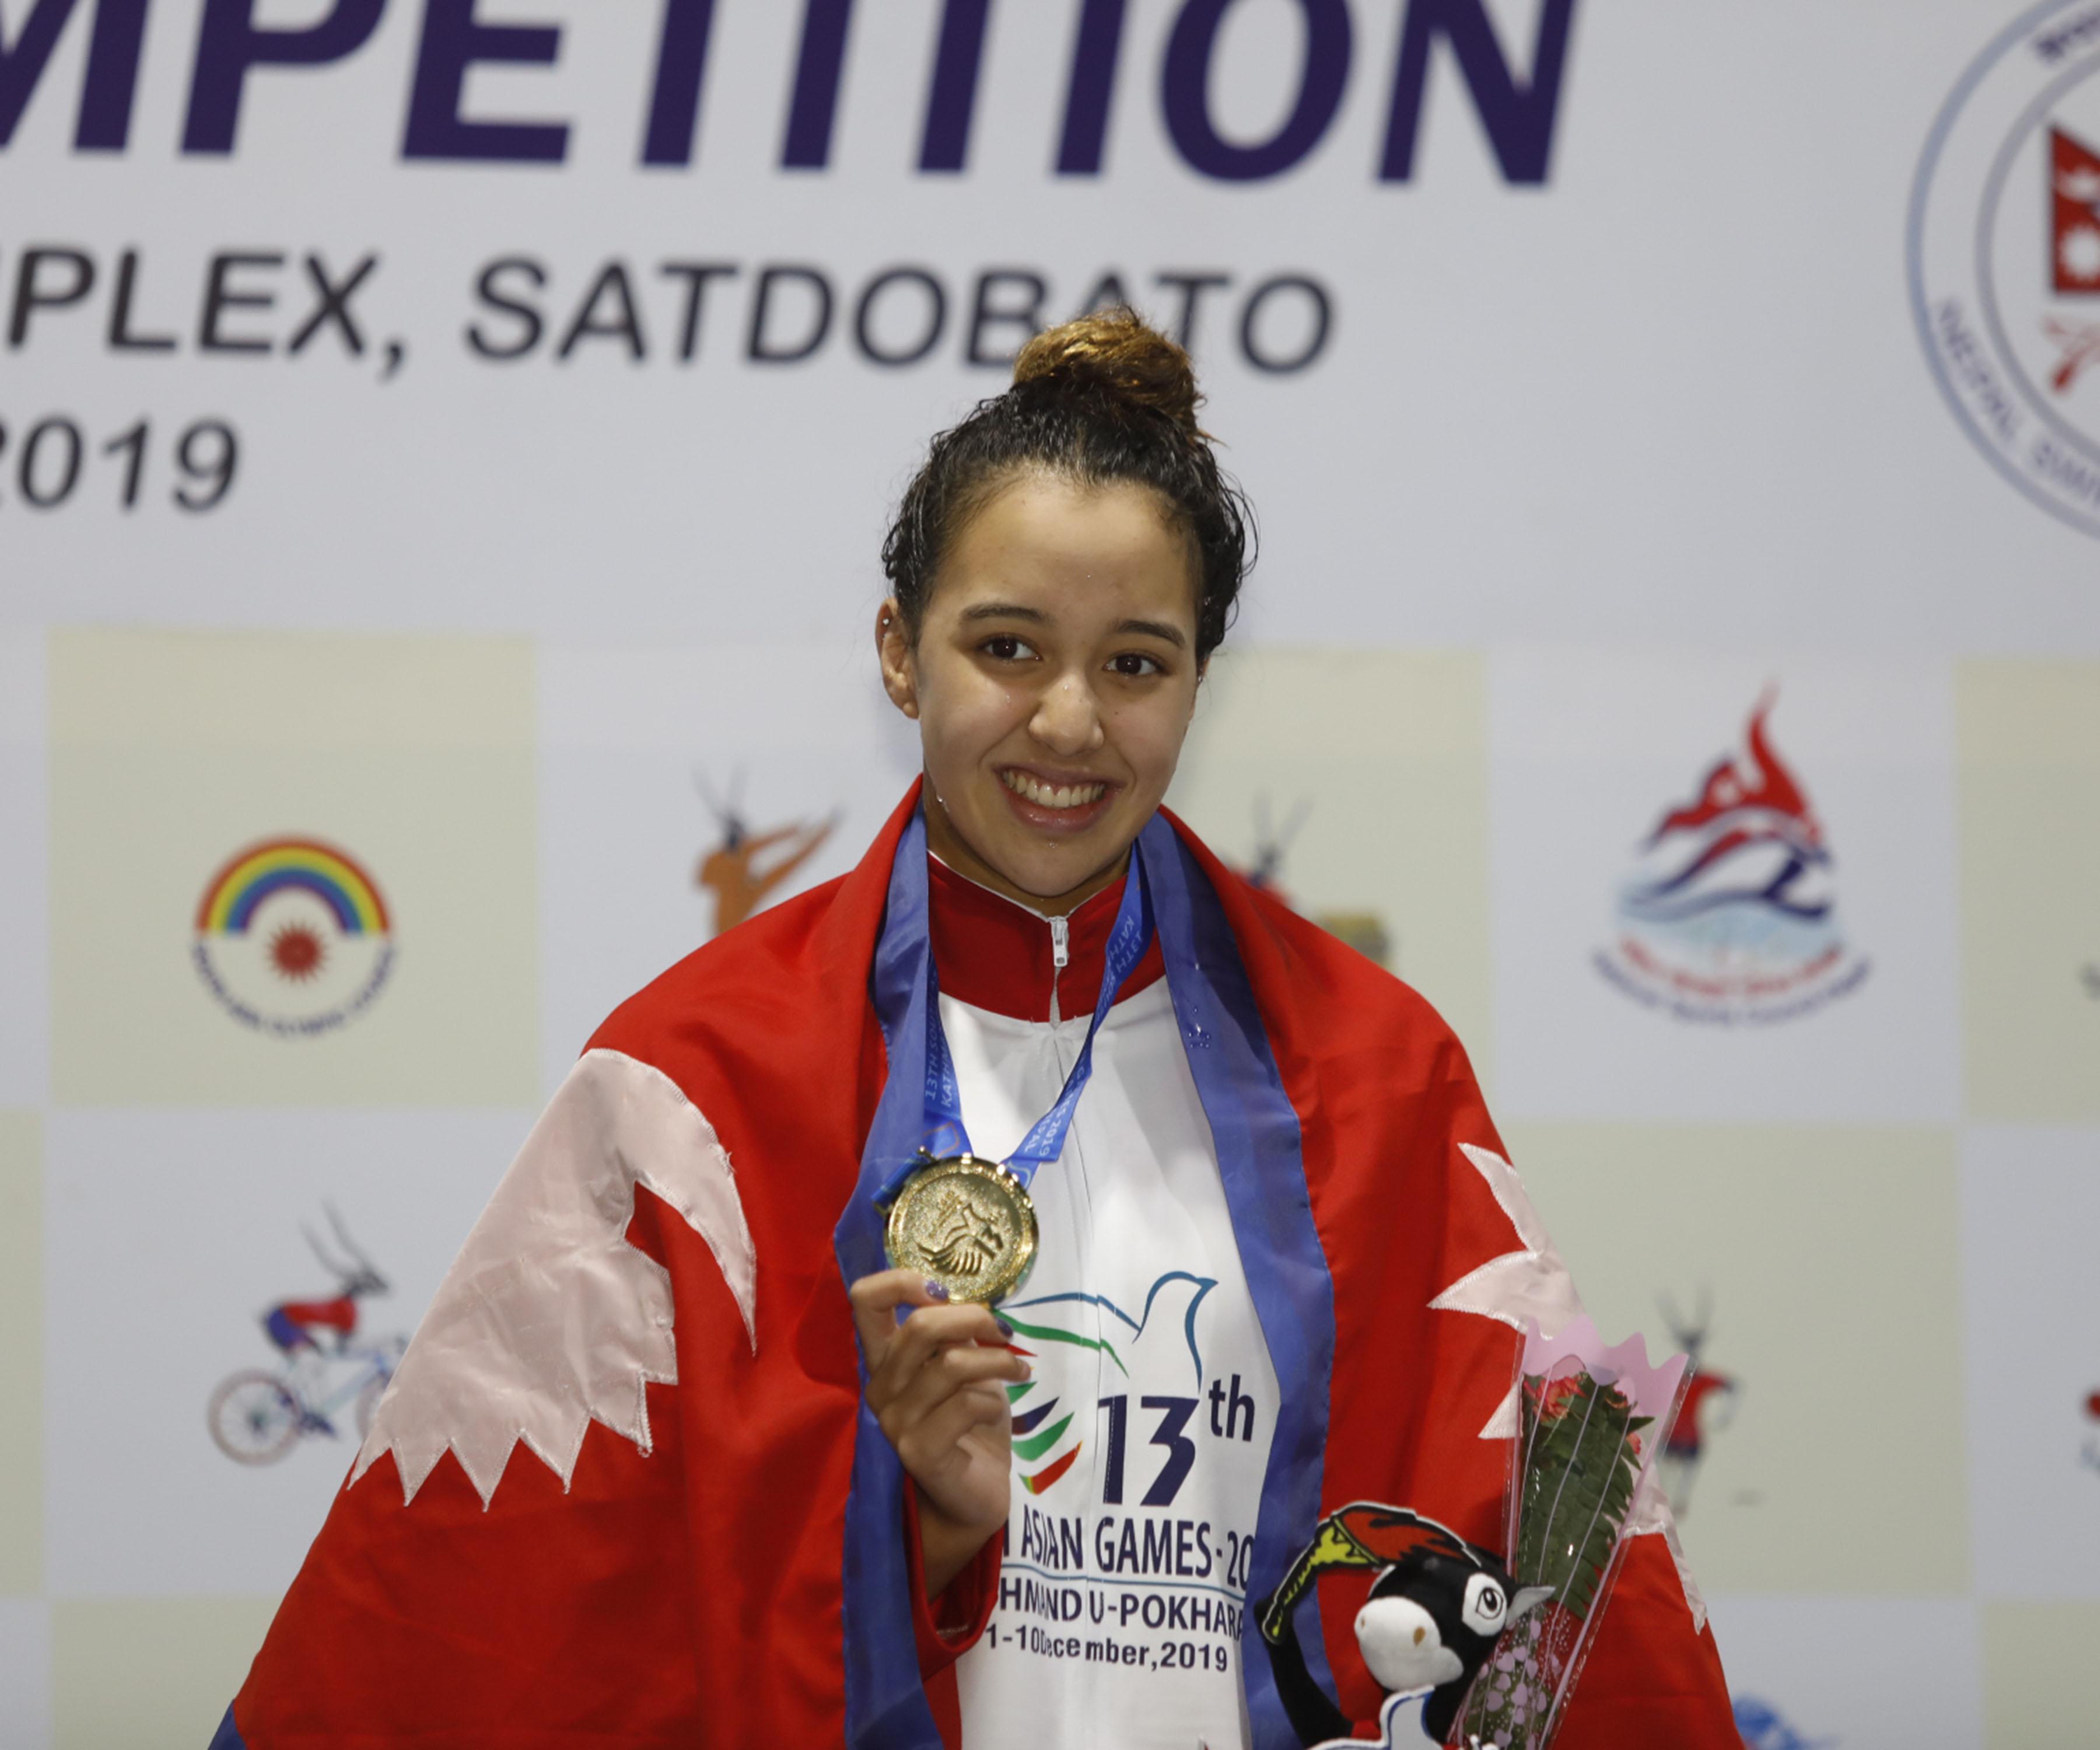 आर्मीका खेलाडीले जिते २३ स्वर्णसहित १०३ पदक, गौरिका पनि आर्मीमा !